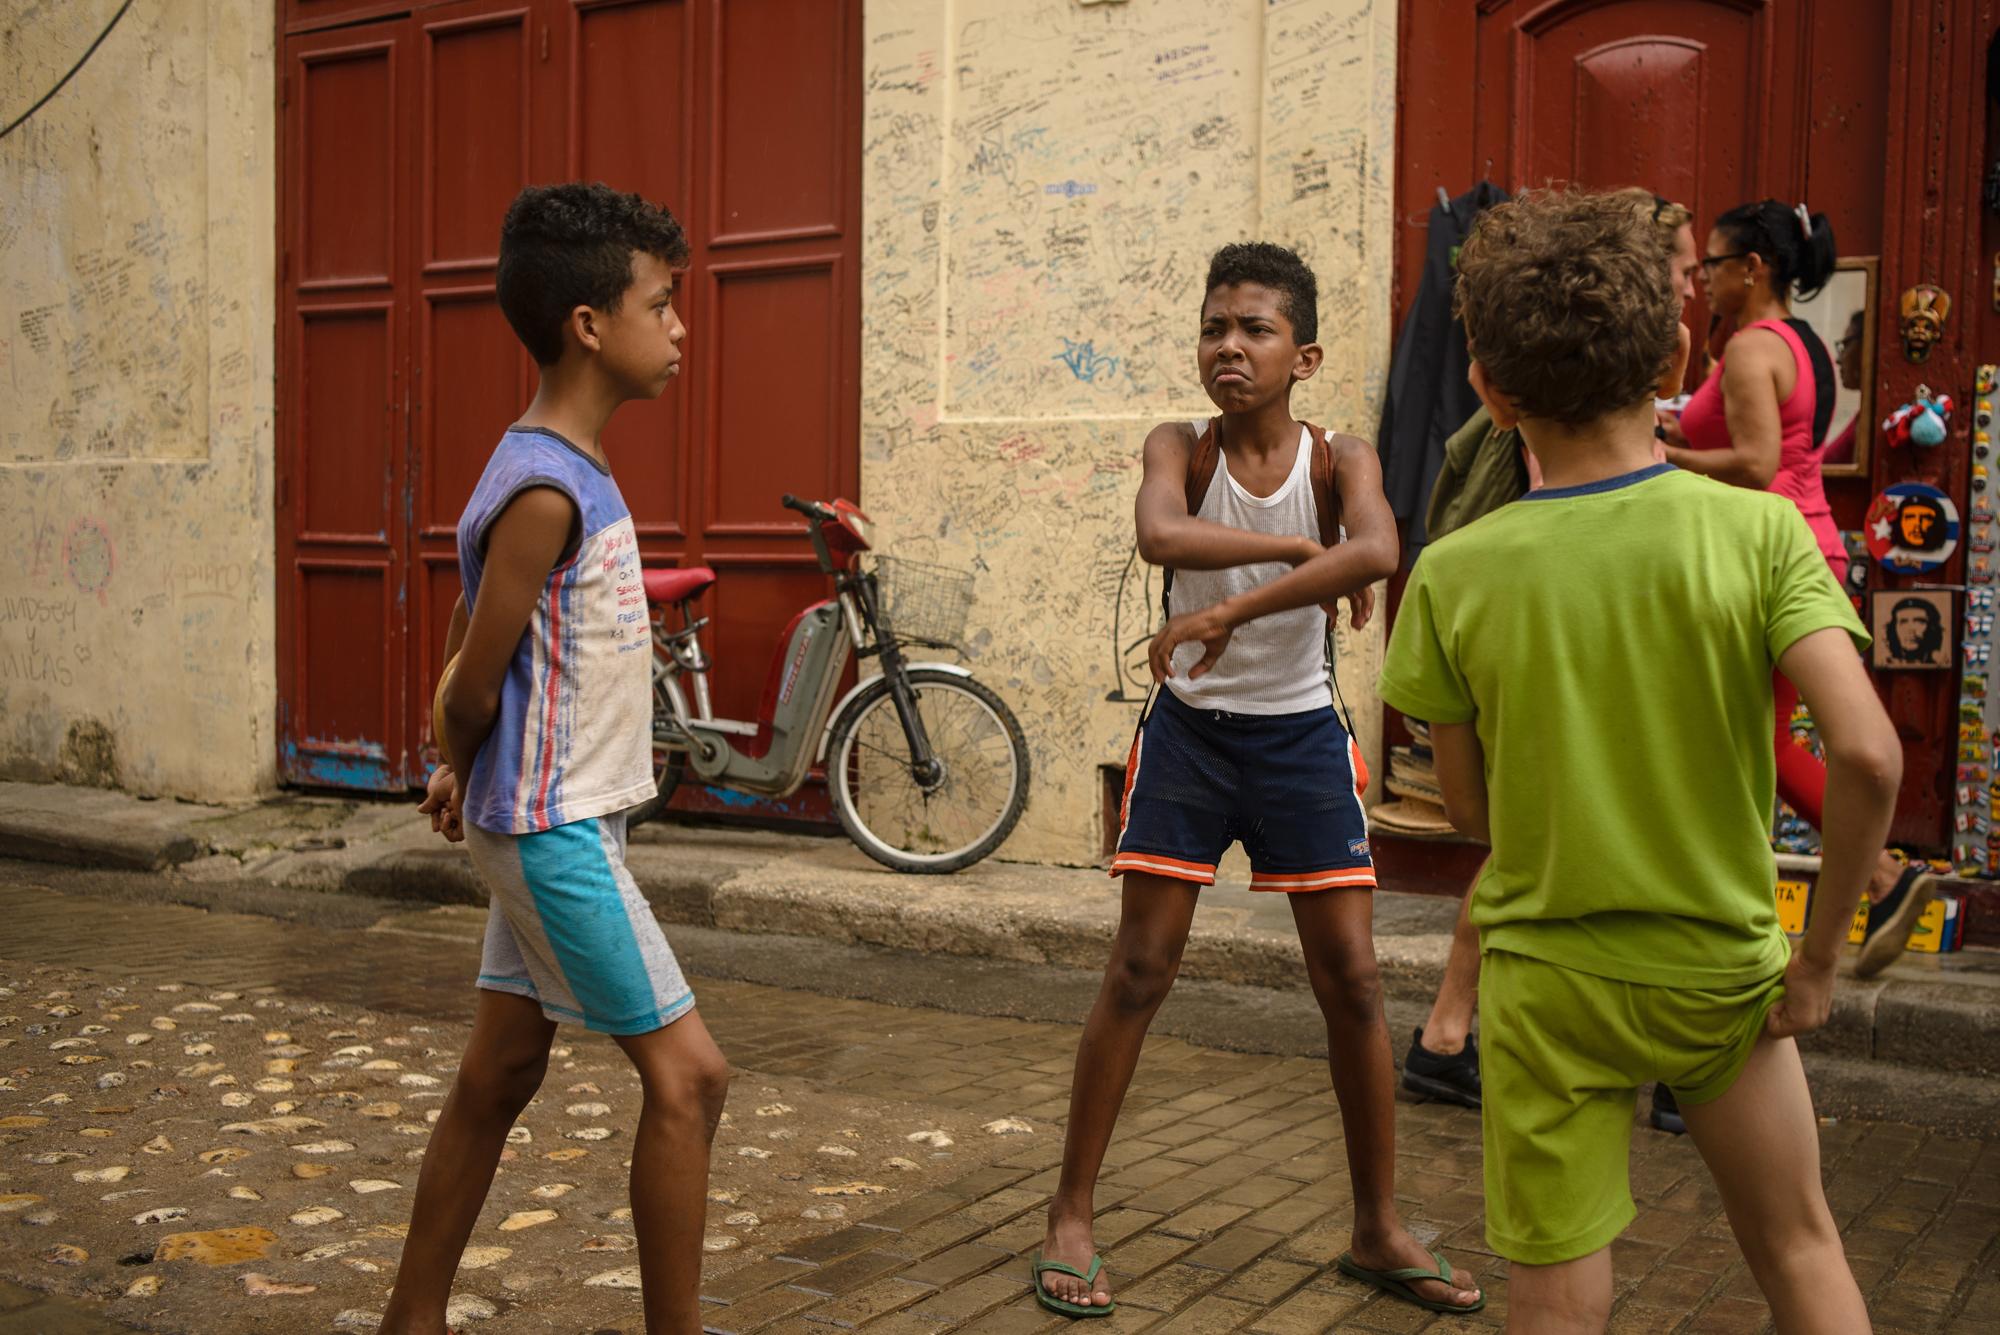 Daytime in Cuba